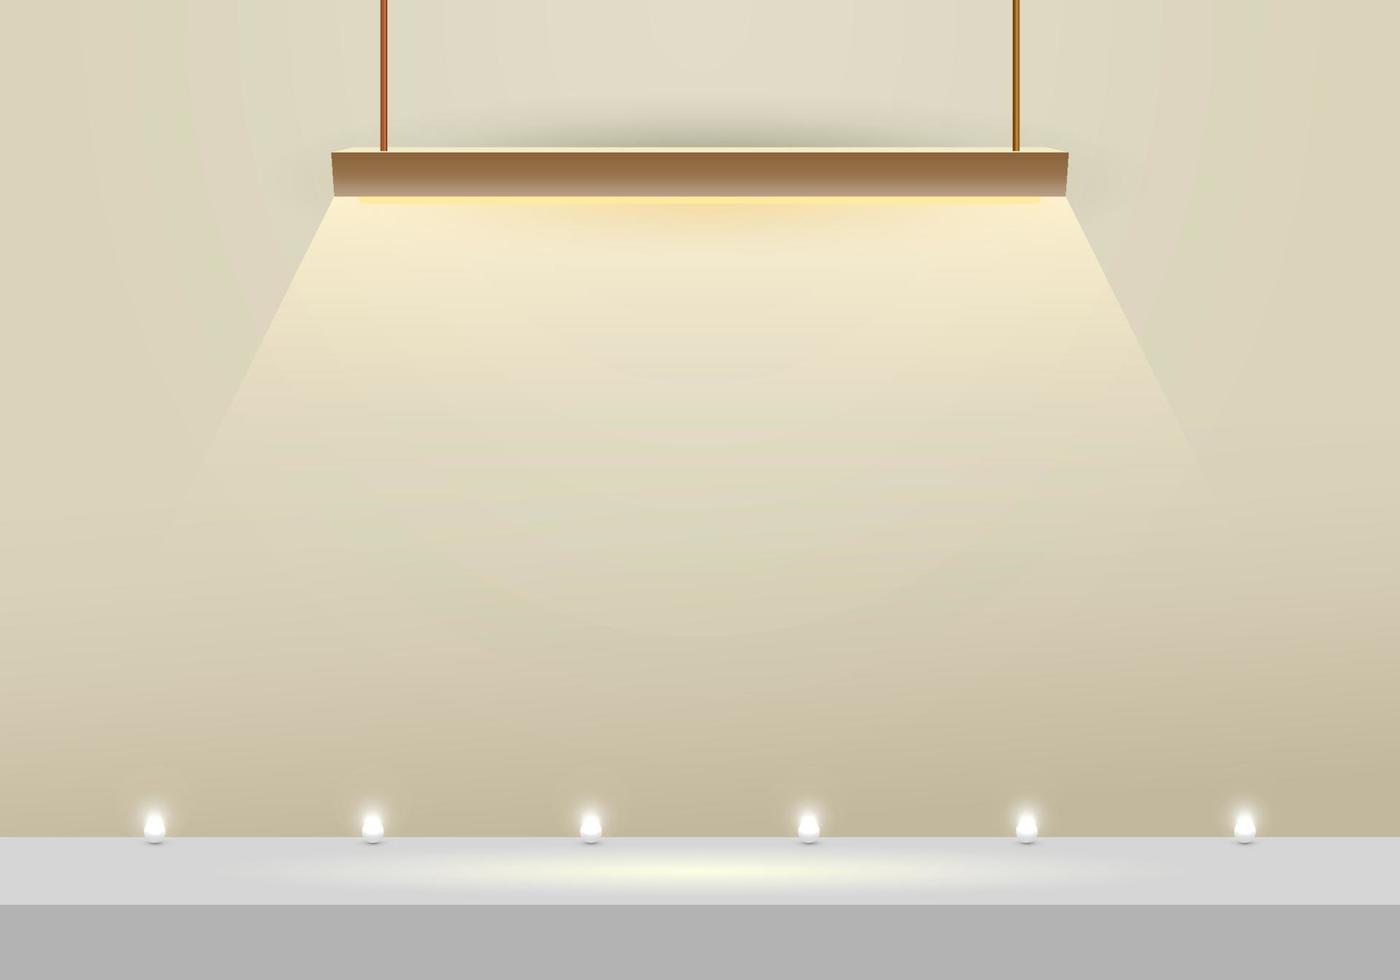 Lâmpada suspensa em 3D com cenário moderno e esfera de néon com cenário mínimo vetor